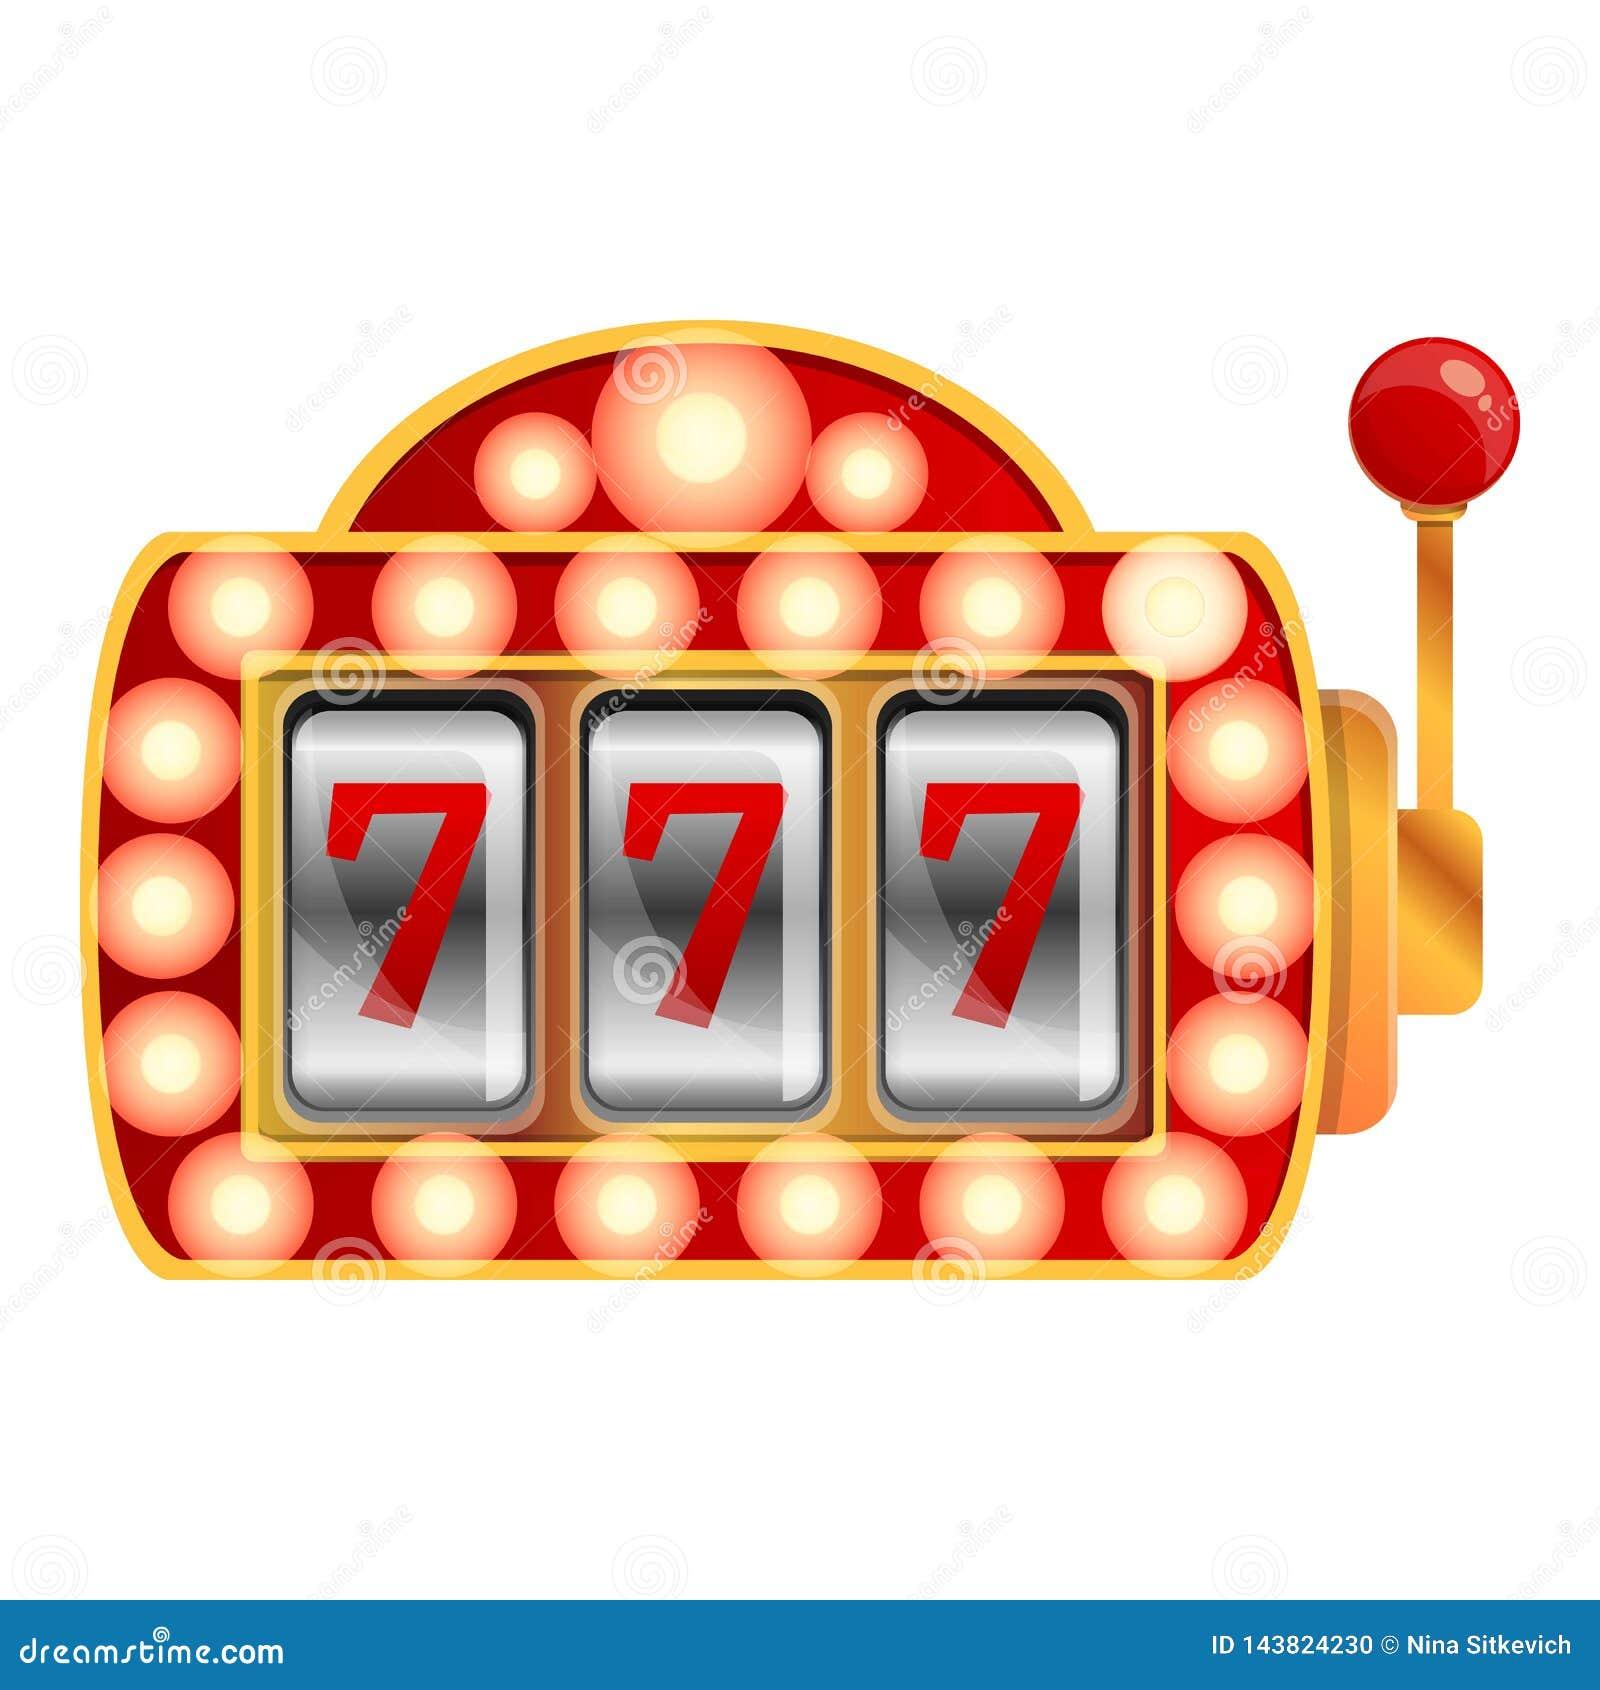 Cartoon Slot Machine